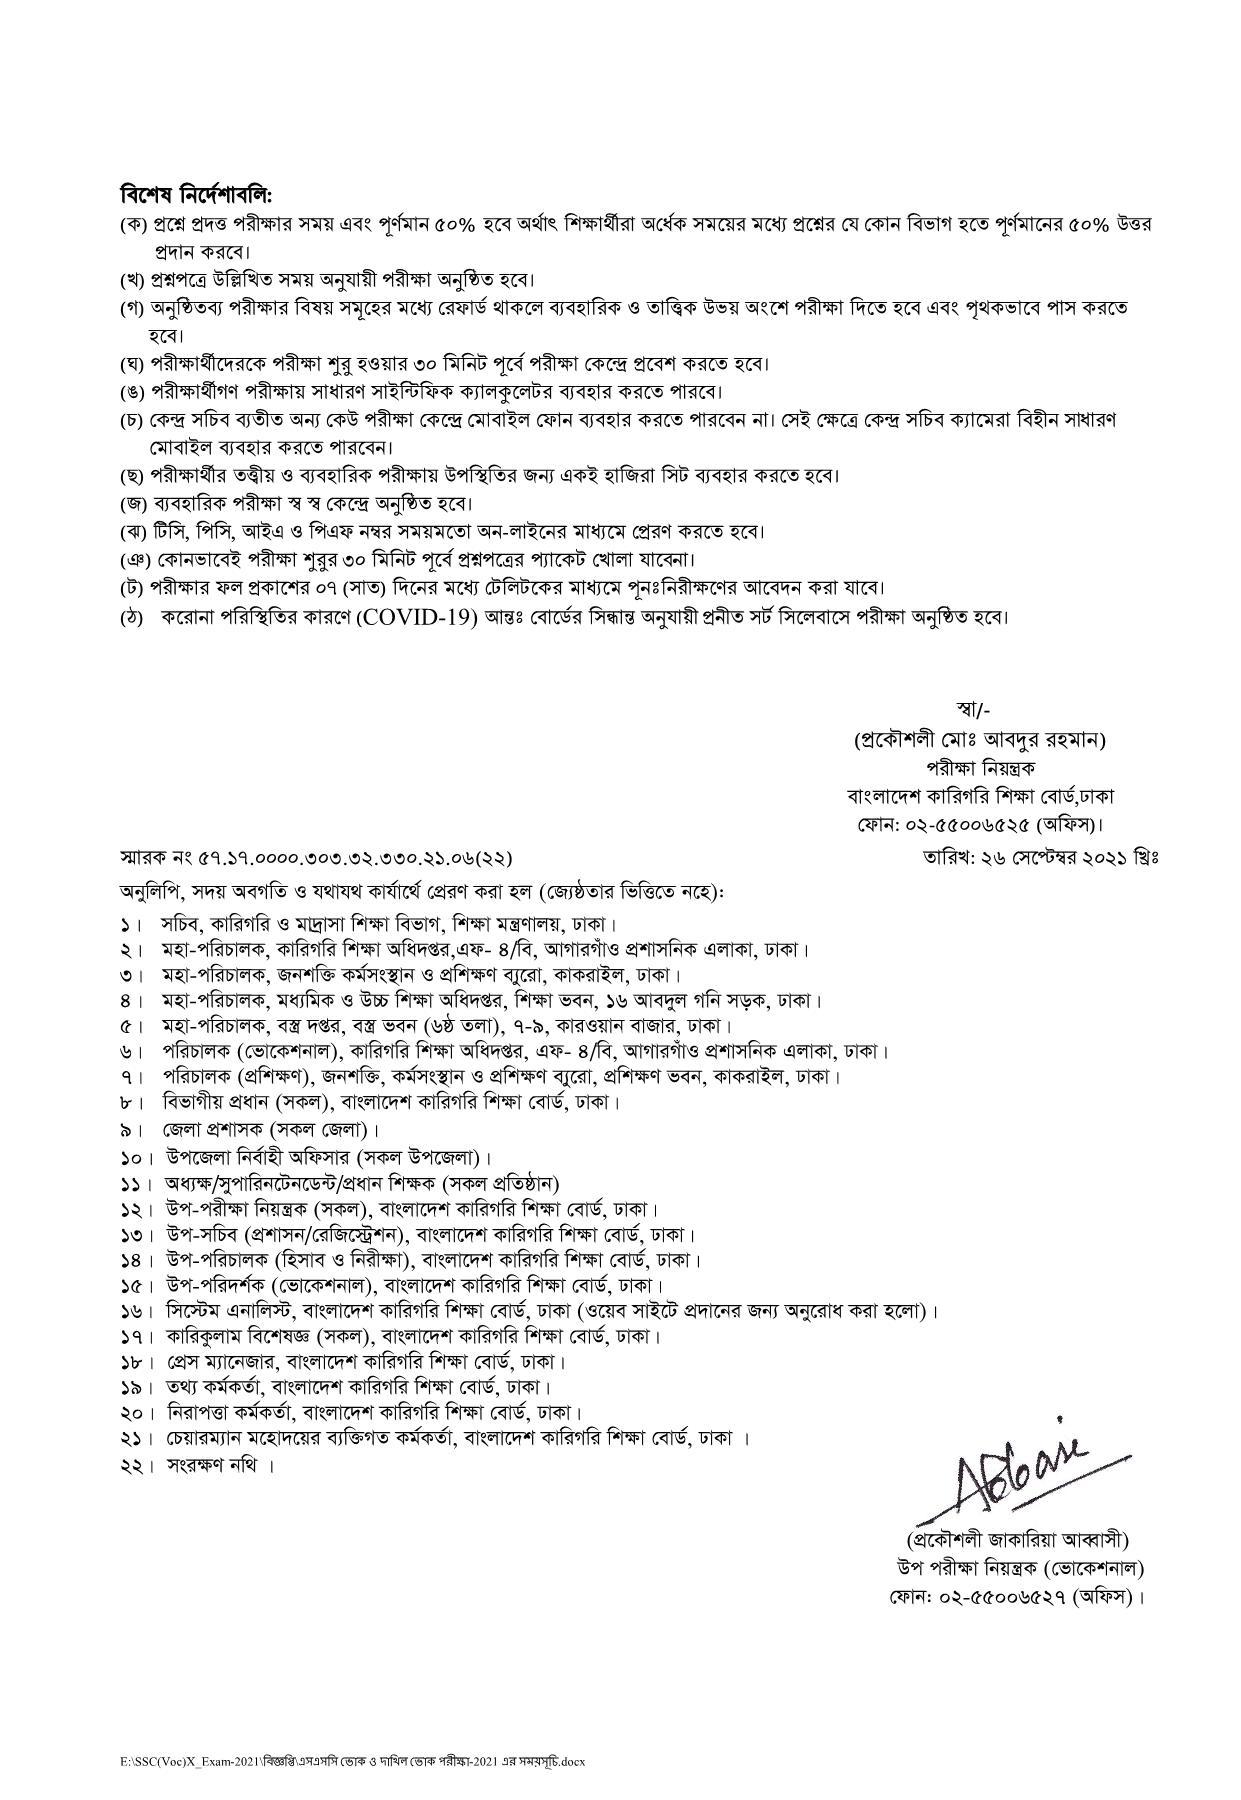 ২০২১ সালের এসএসসি ভোকেশনাল ও দাখিল পরীক্ষার সময়সূচি, ২০২১ সালের এসএসসি ভোকেশনাল ও দাখিল ও সমমানের পরীক্ষার রুটিন – SSC Dakhi Vocational Routine 2021